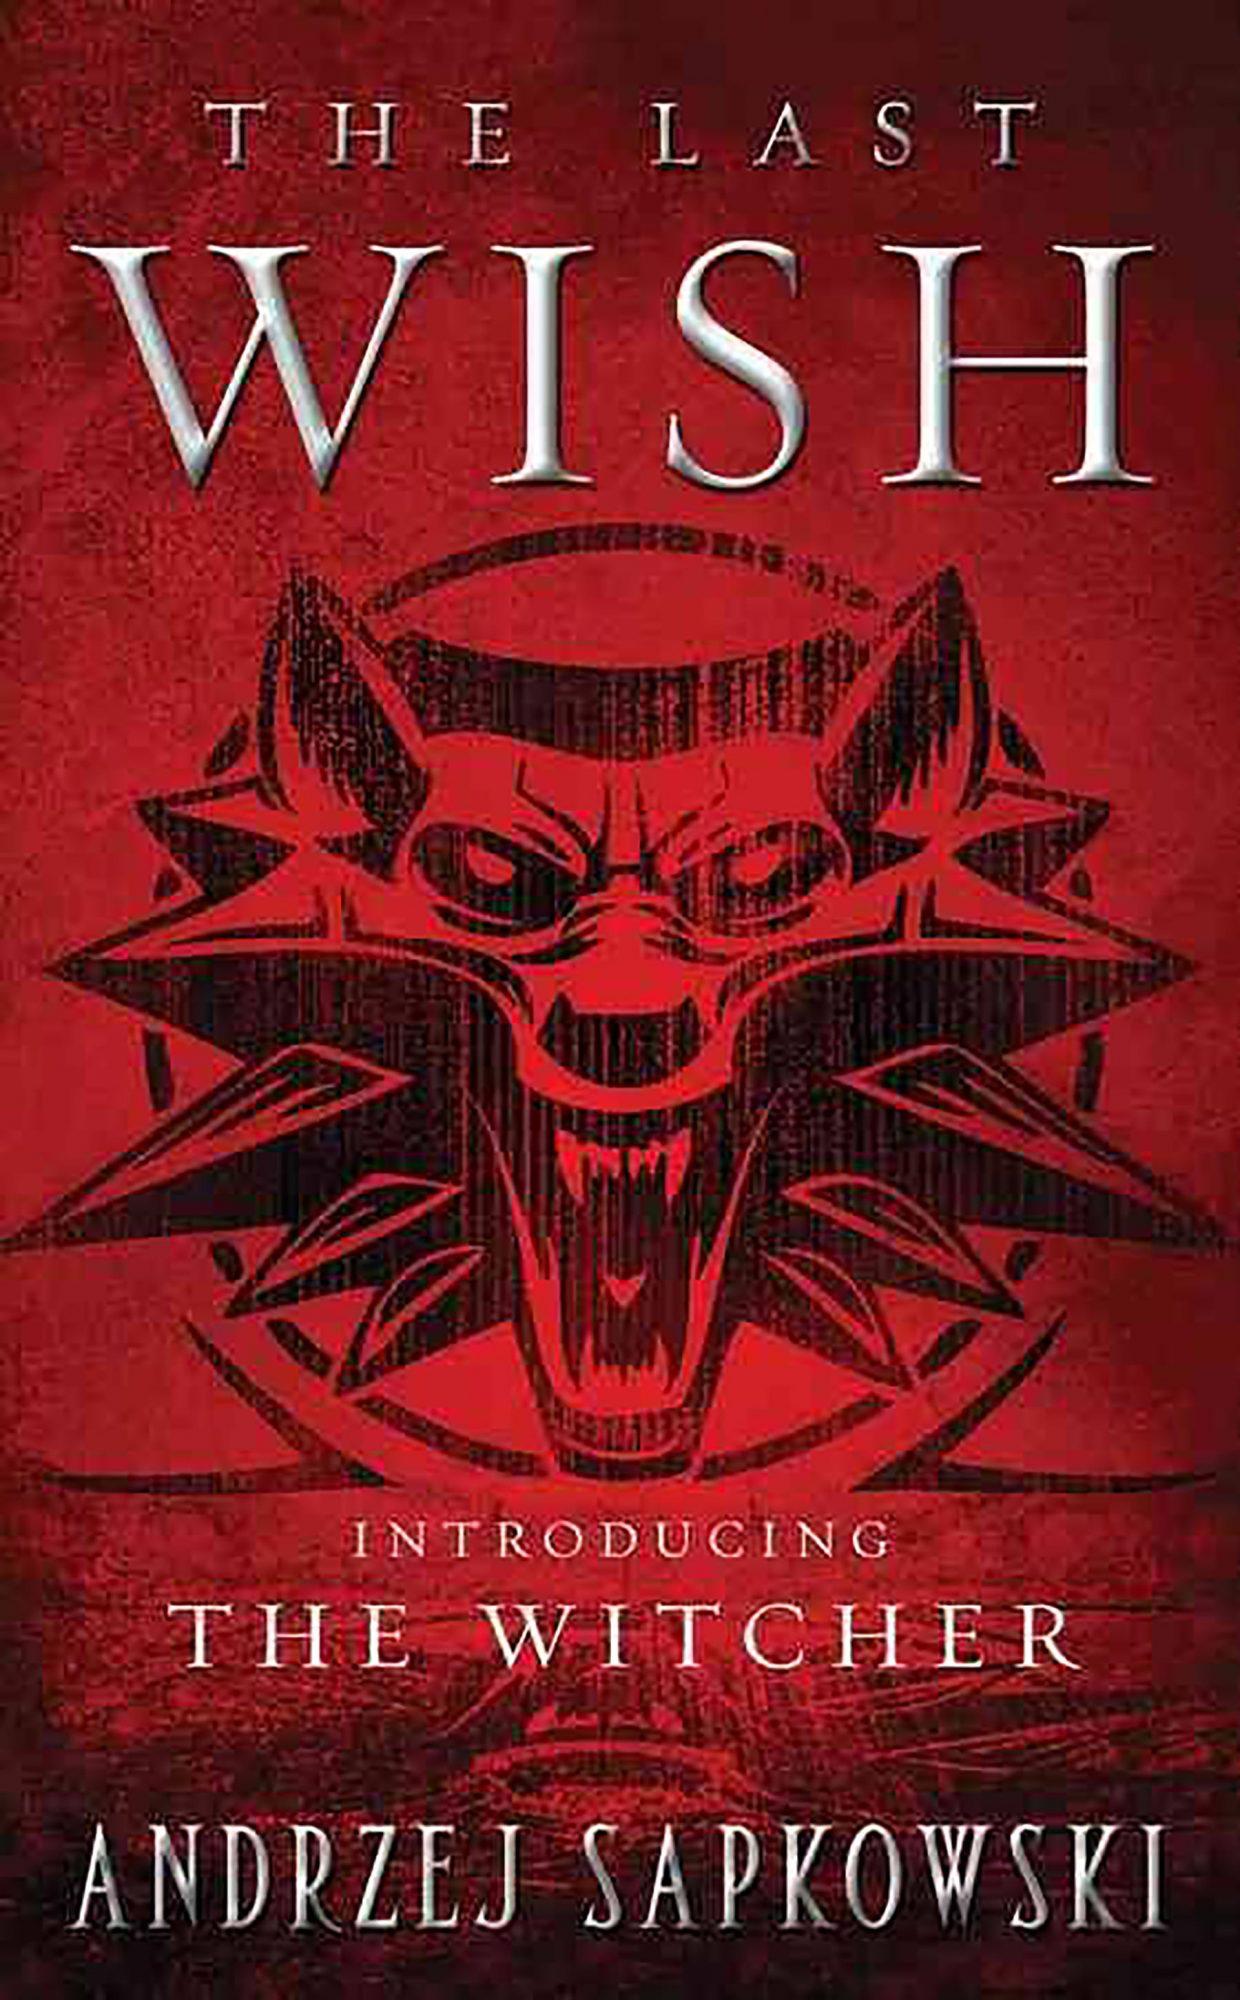 Andrzej Sapkowski, The Last Wish